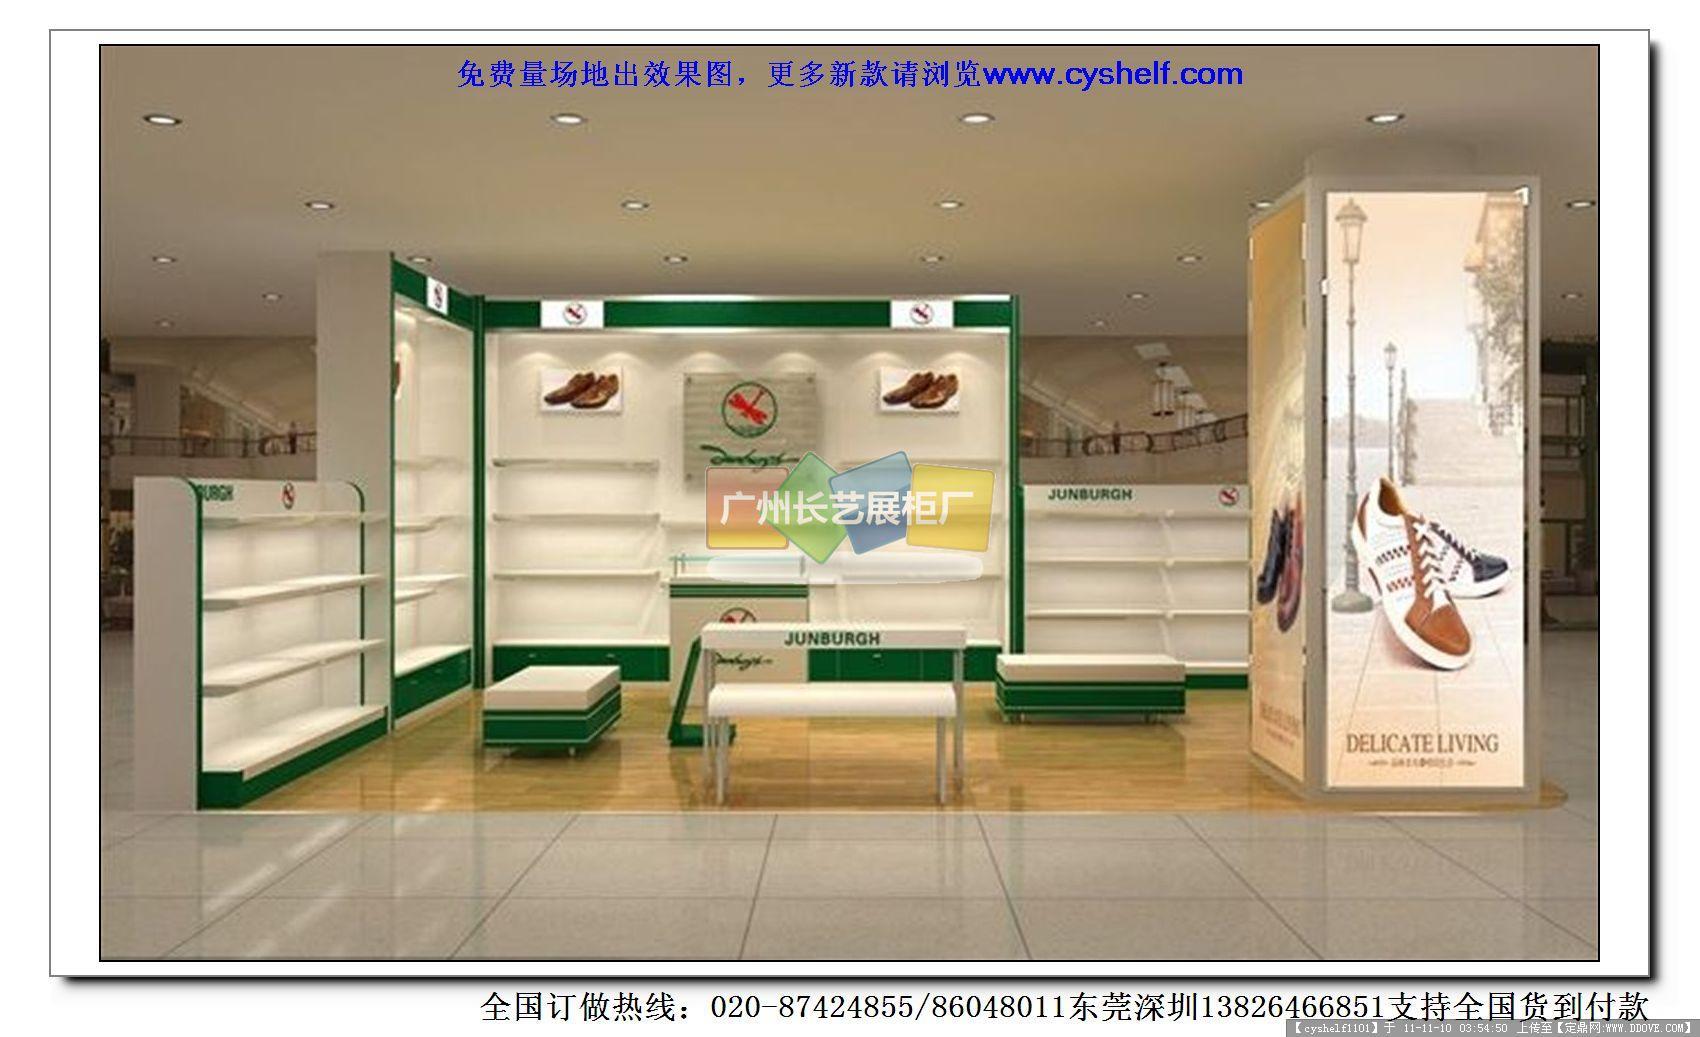 鞋店装修效果图片合集的图片浏览,室内效果图,商业,.